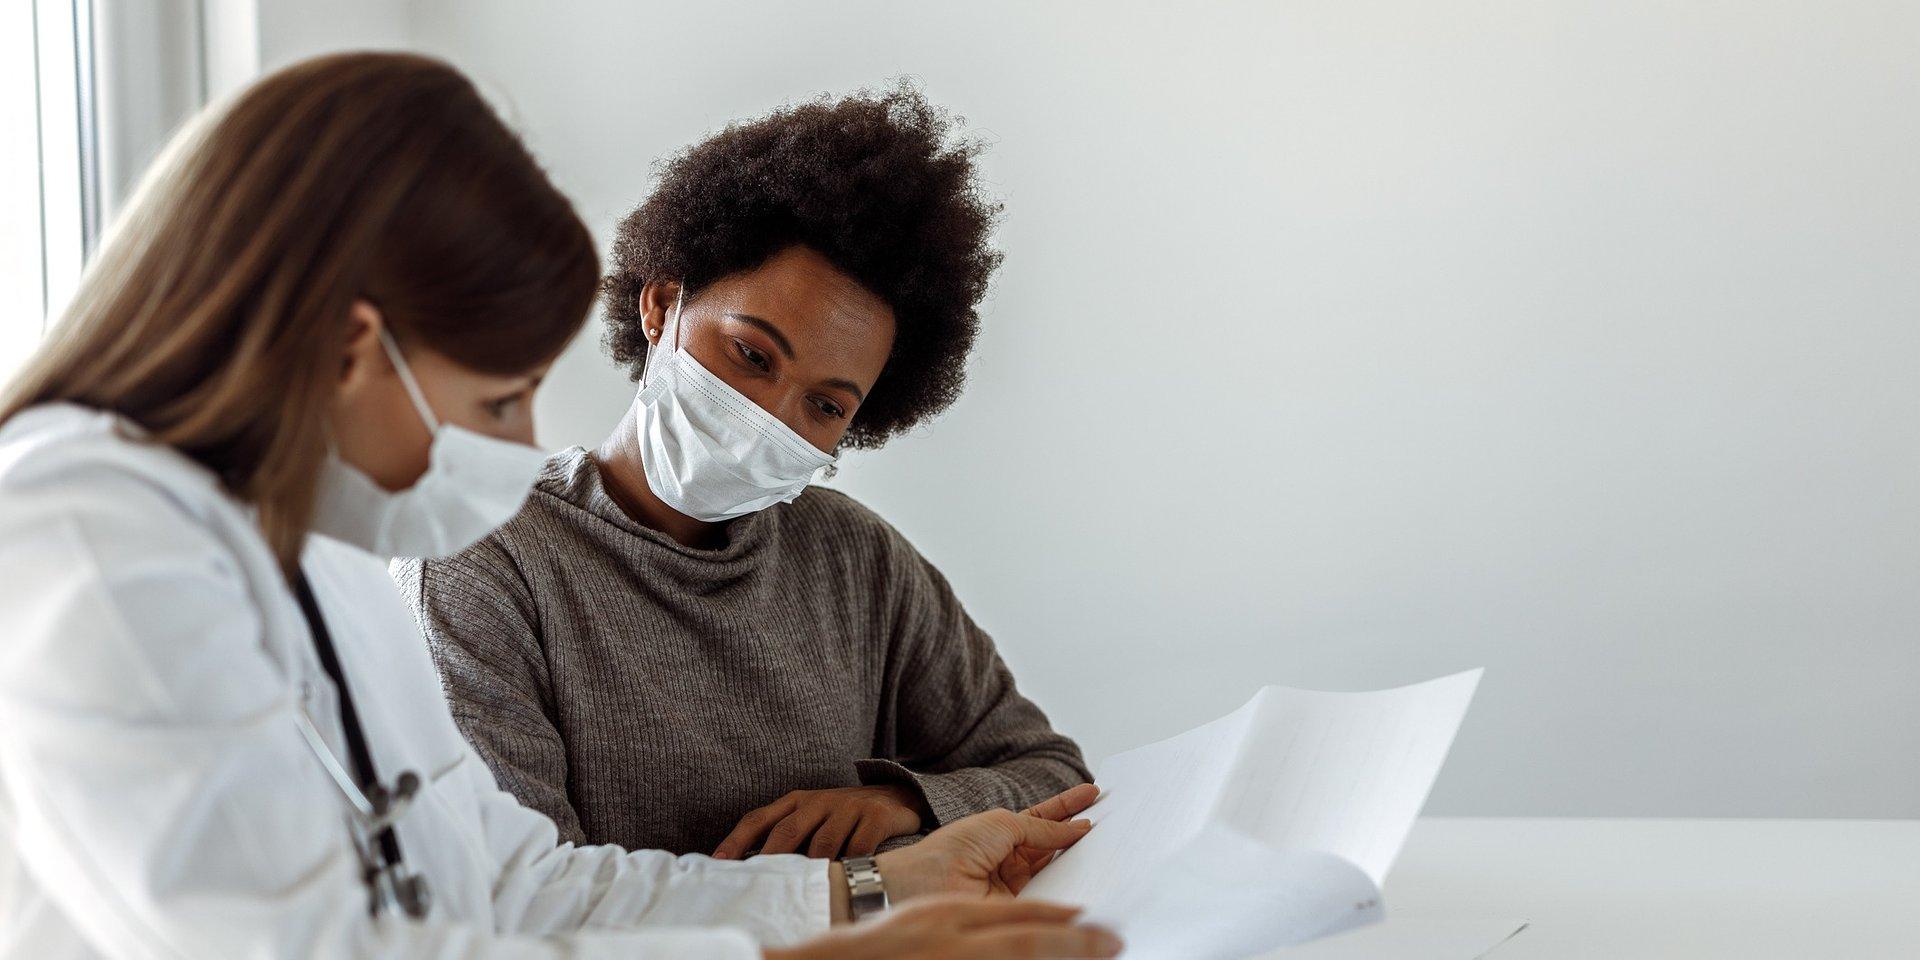 Las reservas de cita médicas aumentan de media un 40% en septiembre, según Doctoralia